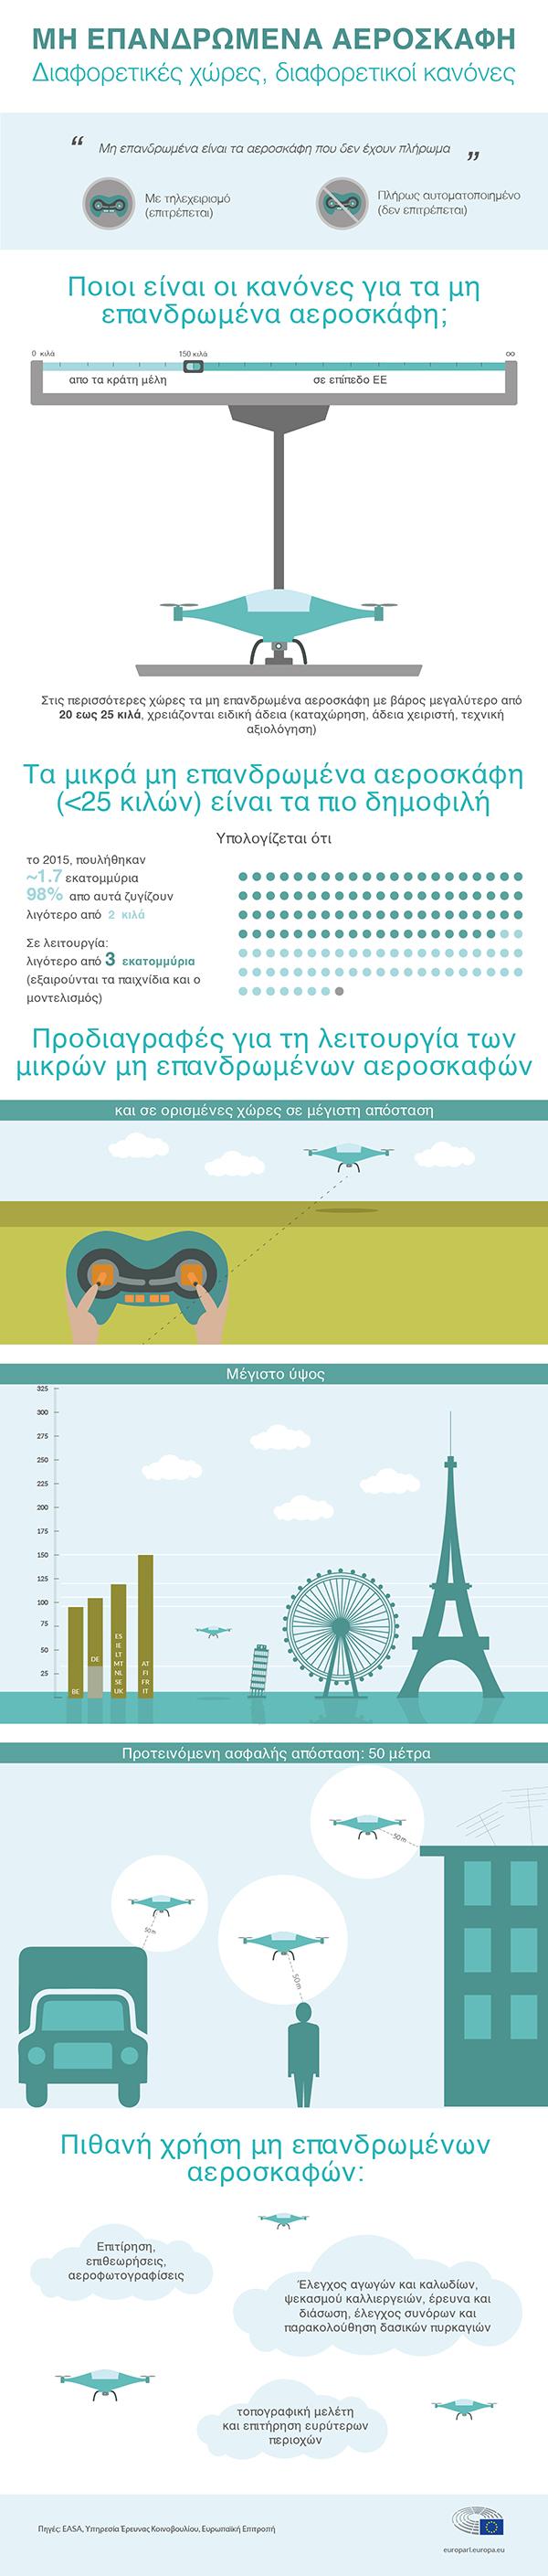 αλλαγές στους ευρωπαϊκούς κανόνες ασφαλείας για τα drones